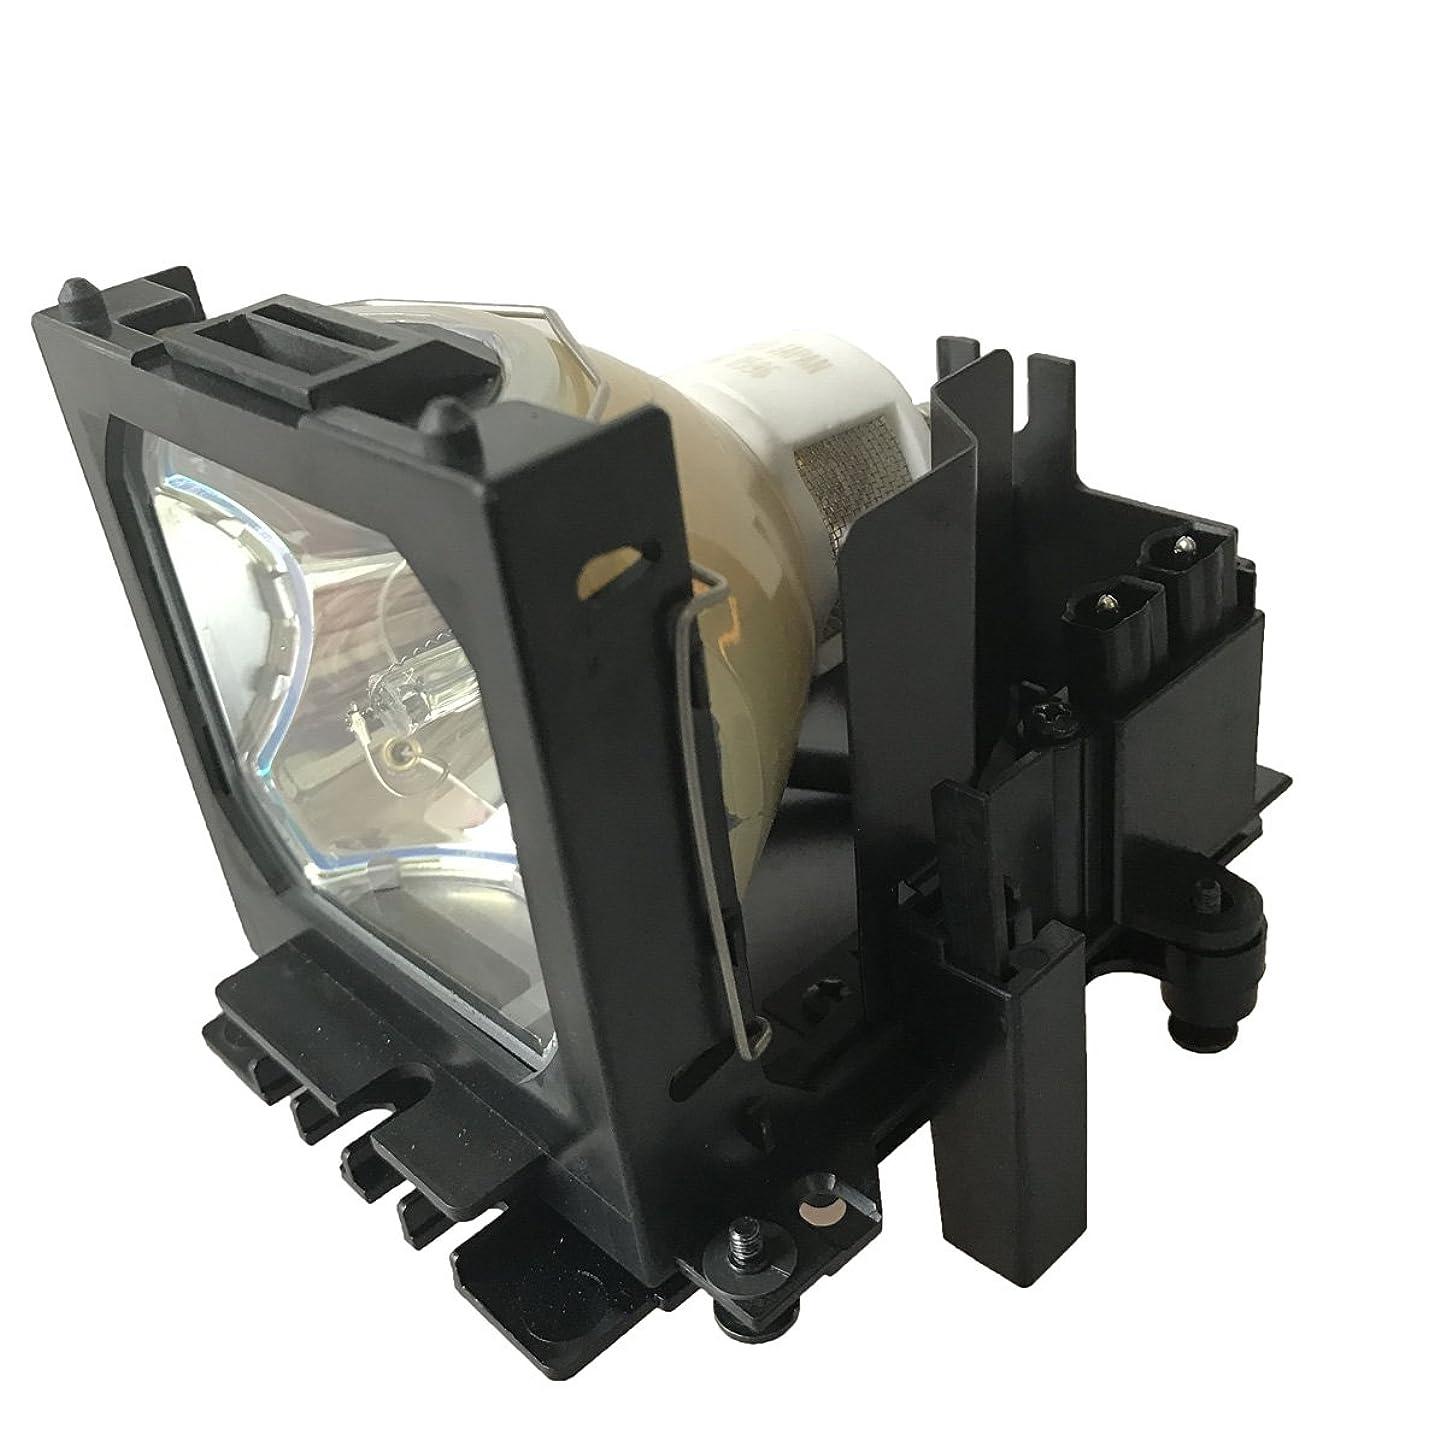 模索ベアリングサークル上回るRich Lighting プロジェクター 交換用 ランプ TLPLX45 東芝 TOSHIBA TLP-X4500, TLP-SX3500, TLP-X4500J, TLP-X4500U 対応